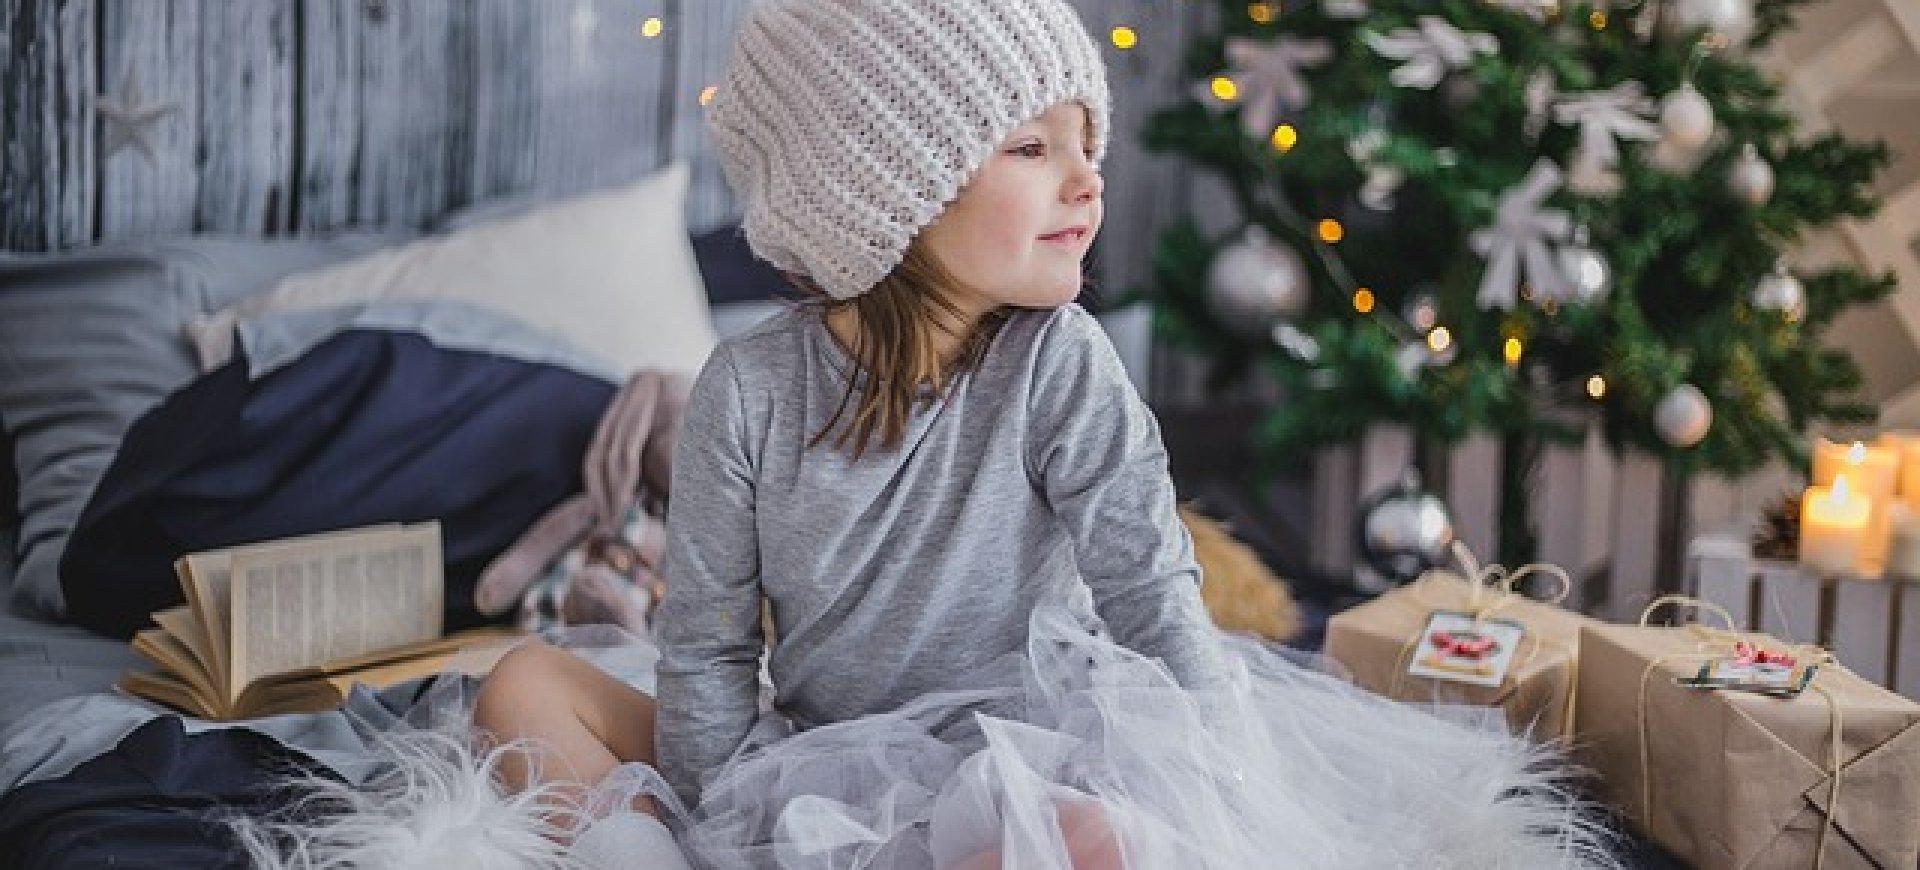 Christmas in Sielanka